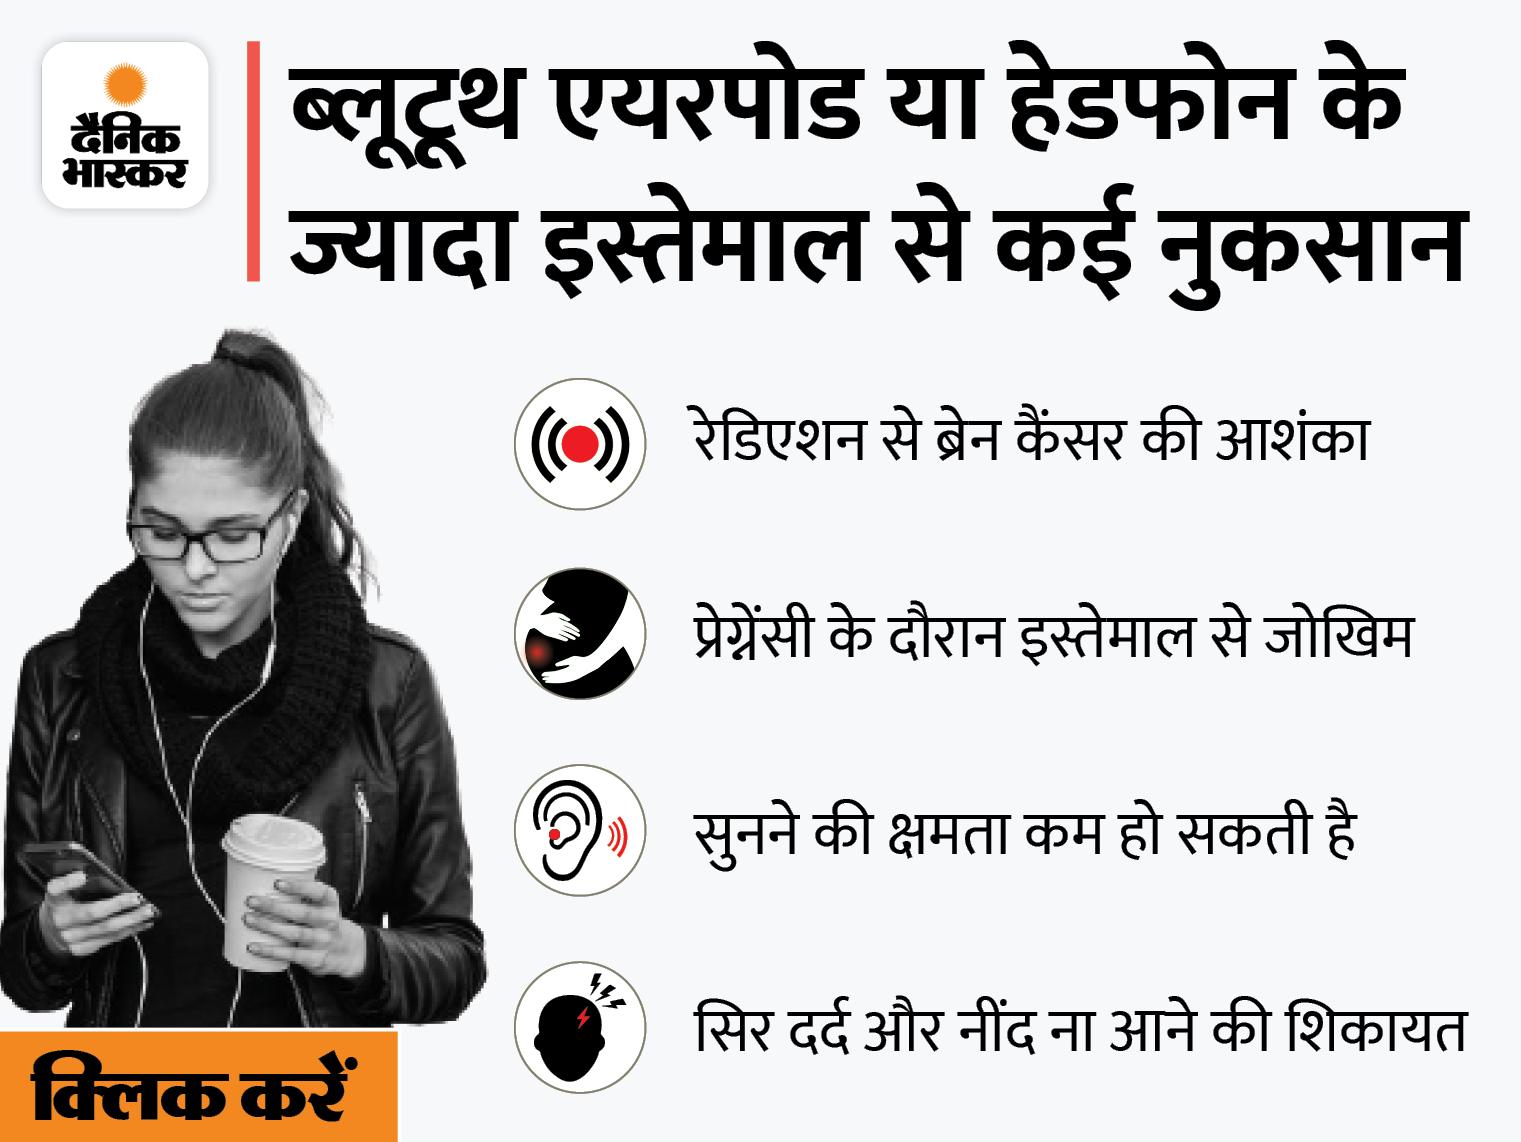 वायरलेस इयरबड का इस्तेमाल सेहत के लिए खतरनाक; इससे ब्रेन कैंसर और बहरेपन जैसी बीमारियों का जोखिम, जानिए कैसे बचें ज़रुरत की खबर,Zaroorat ki Khabar - Dainik Bhaskar